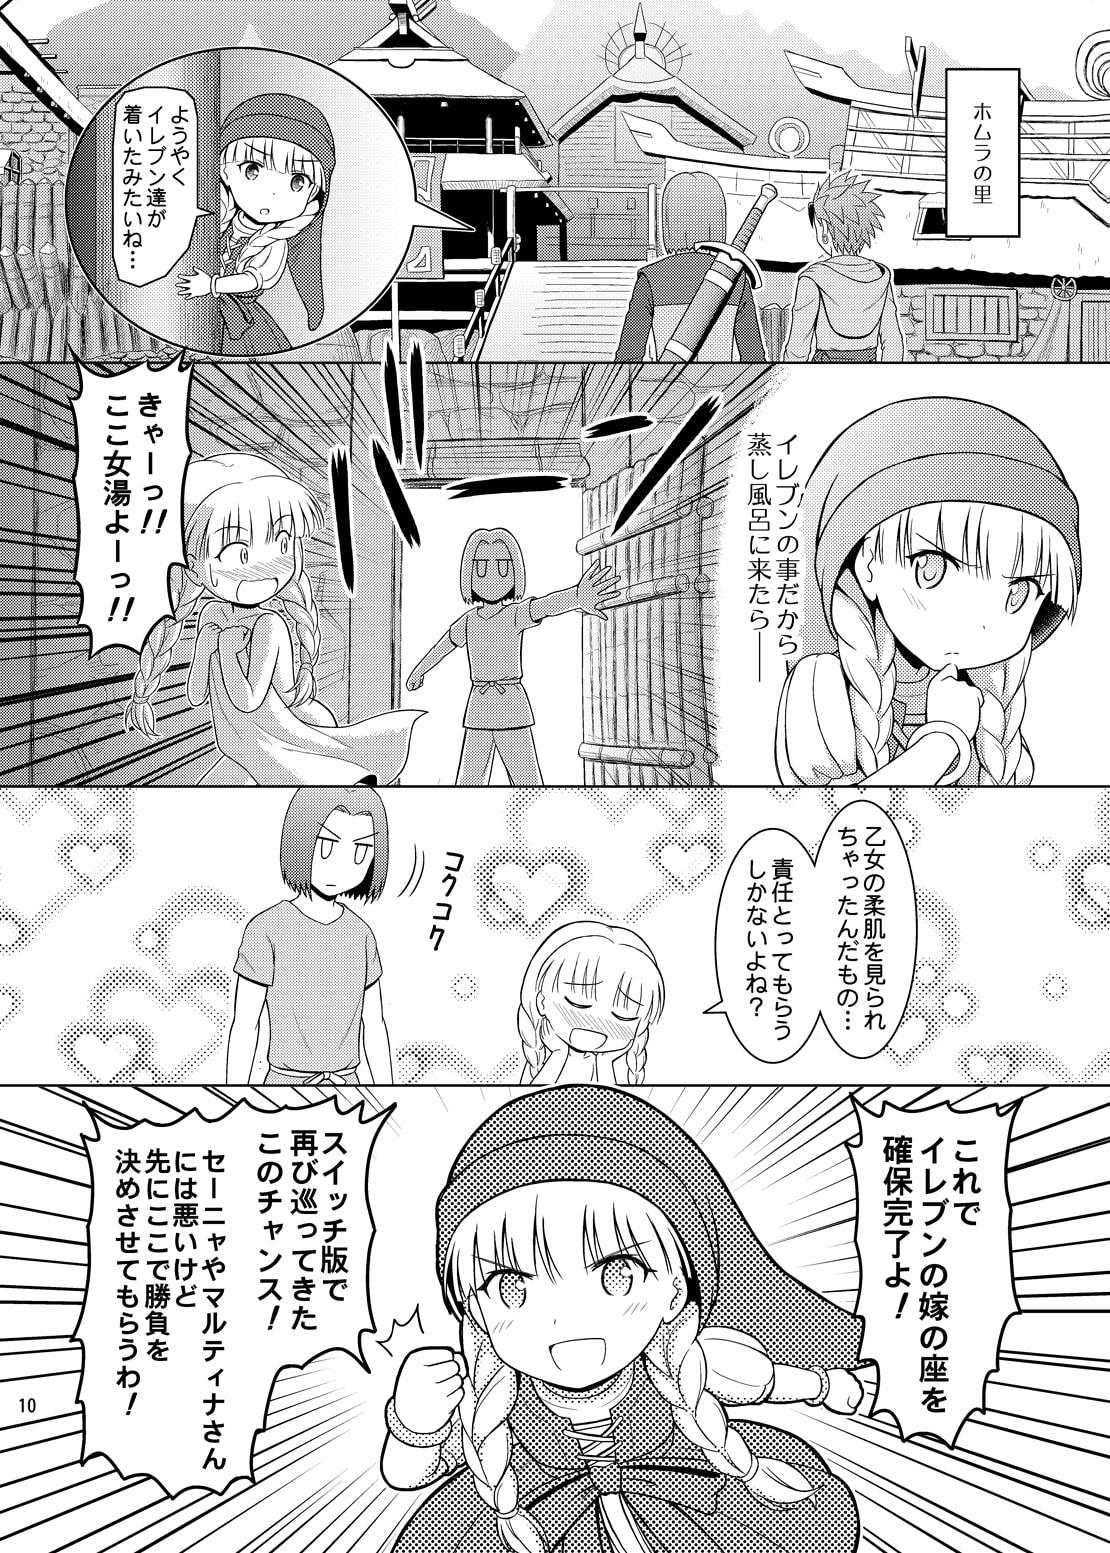 ド○クエ11PM(ぱふぱふマスターの略)3